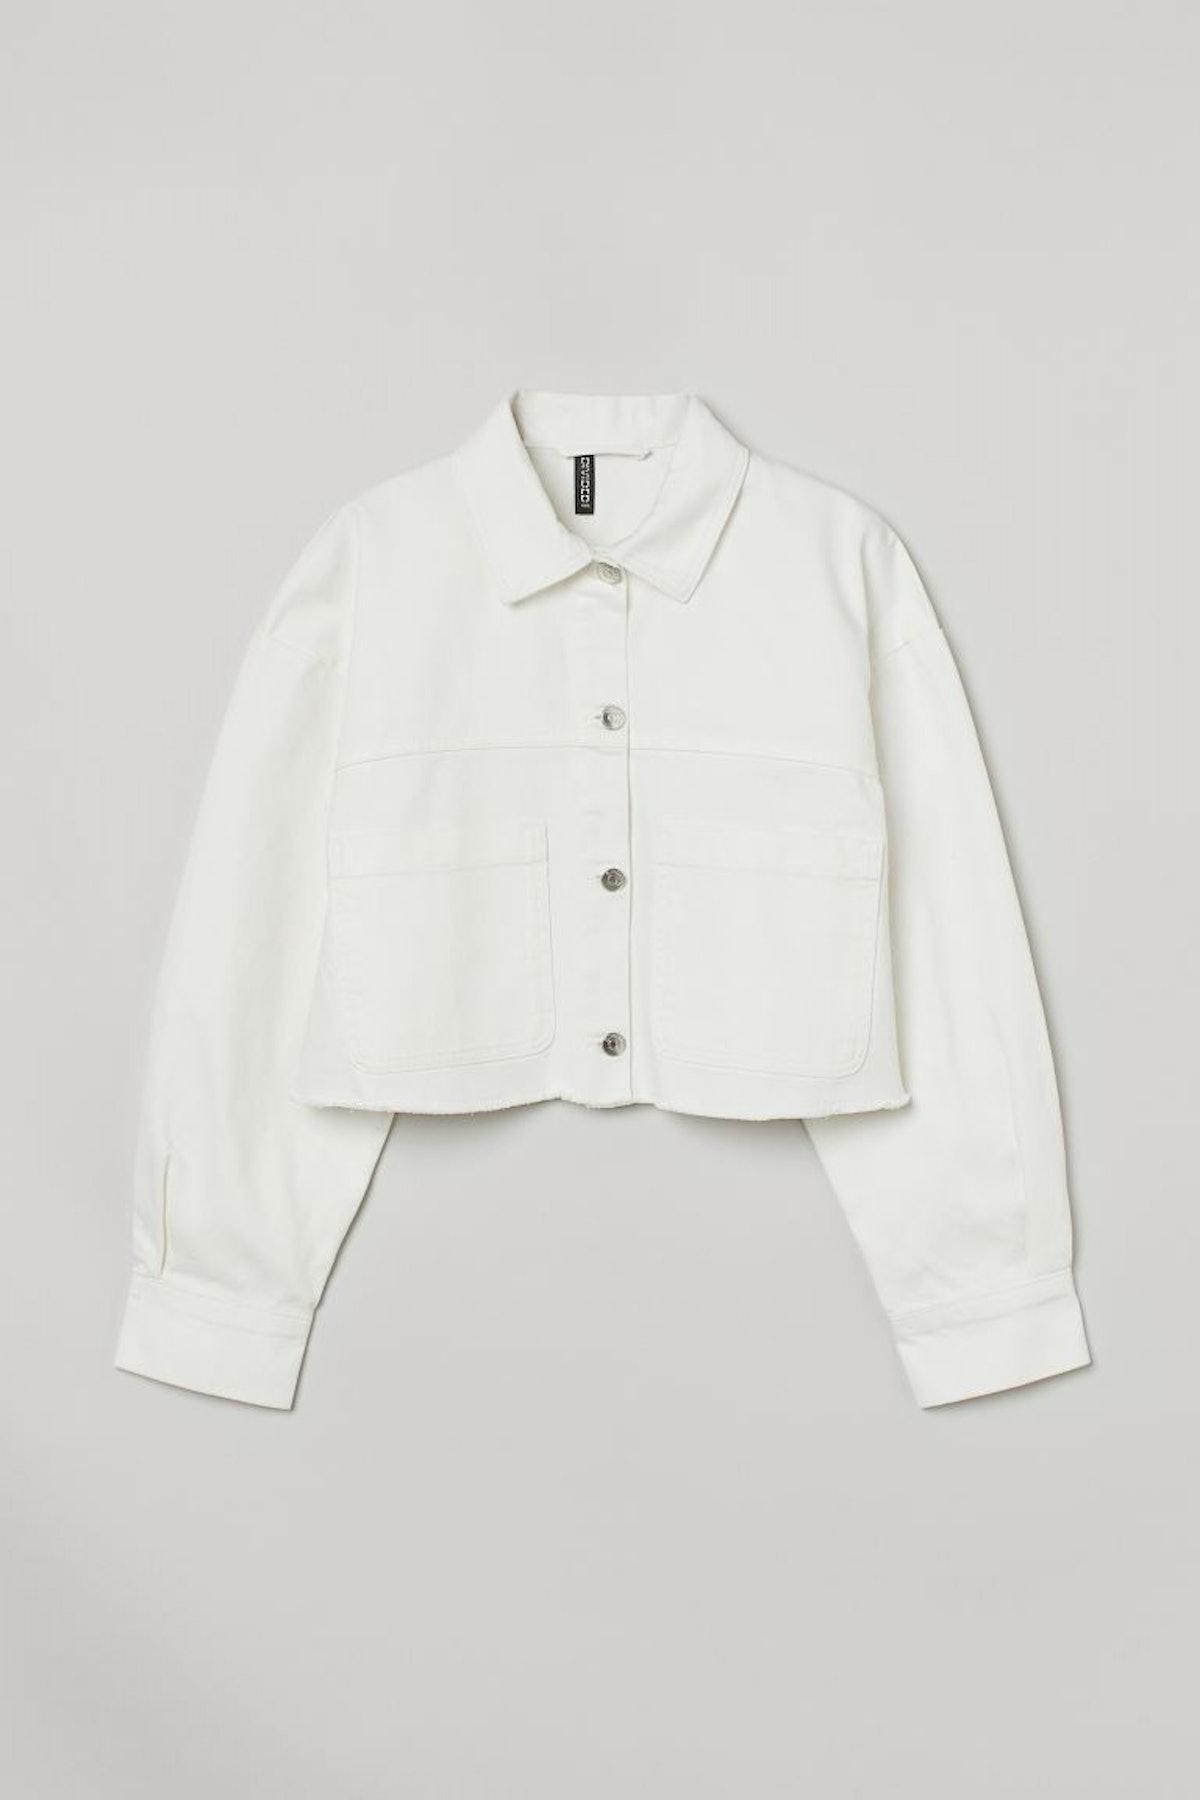 H&M Twill Crop Jacket